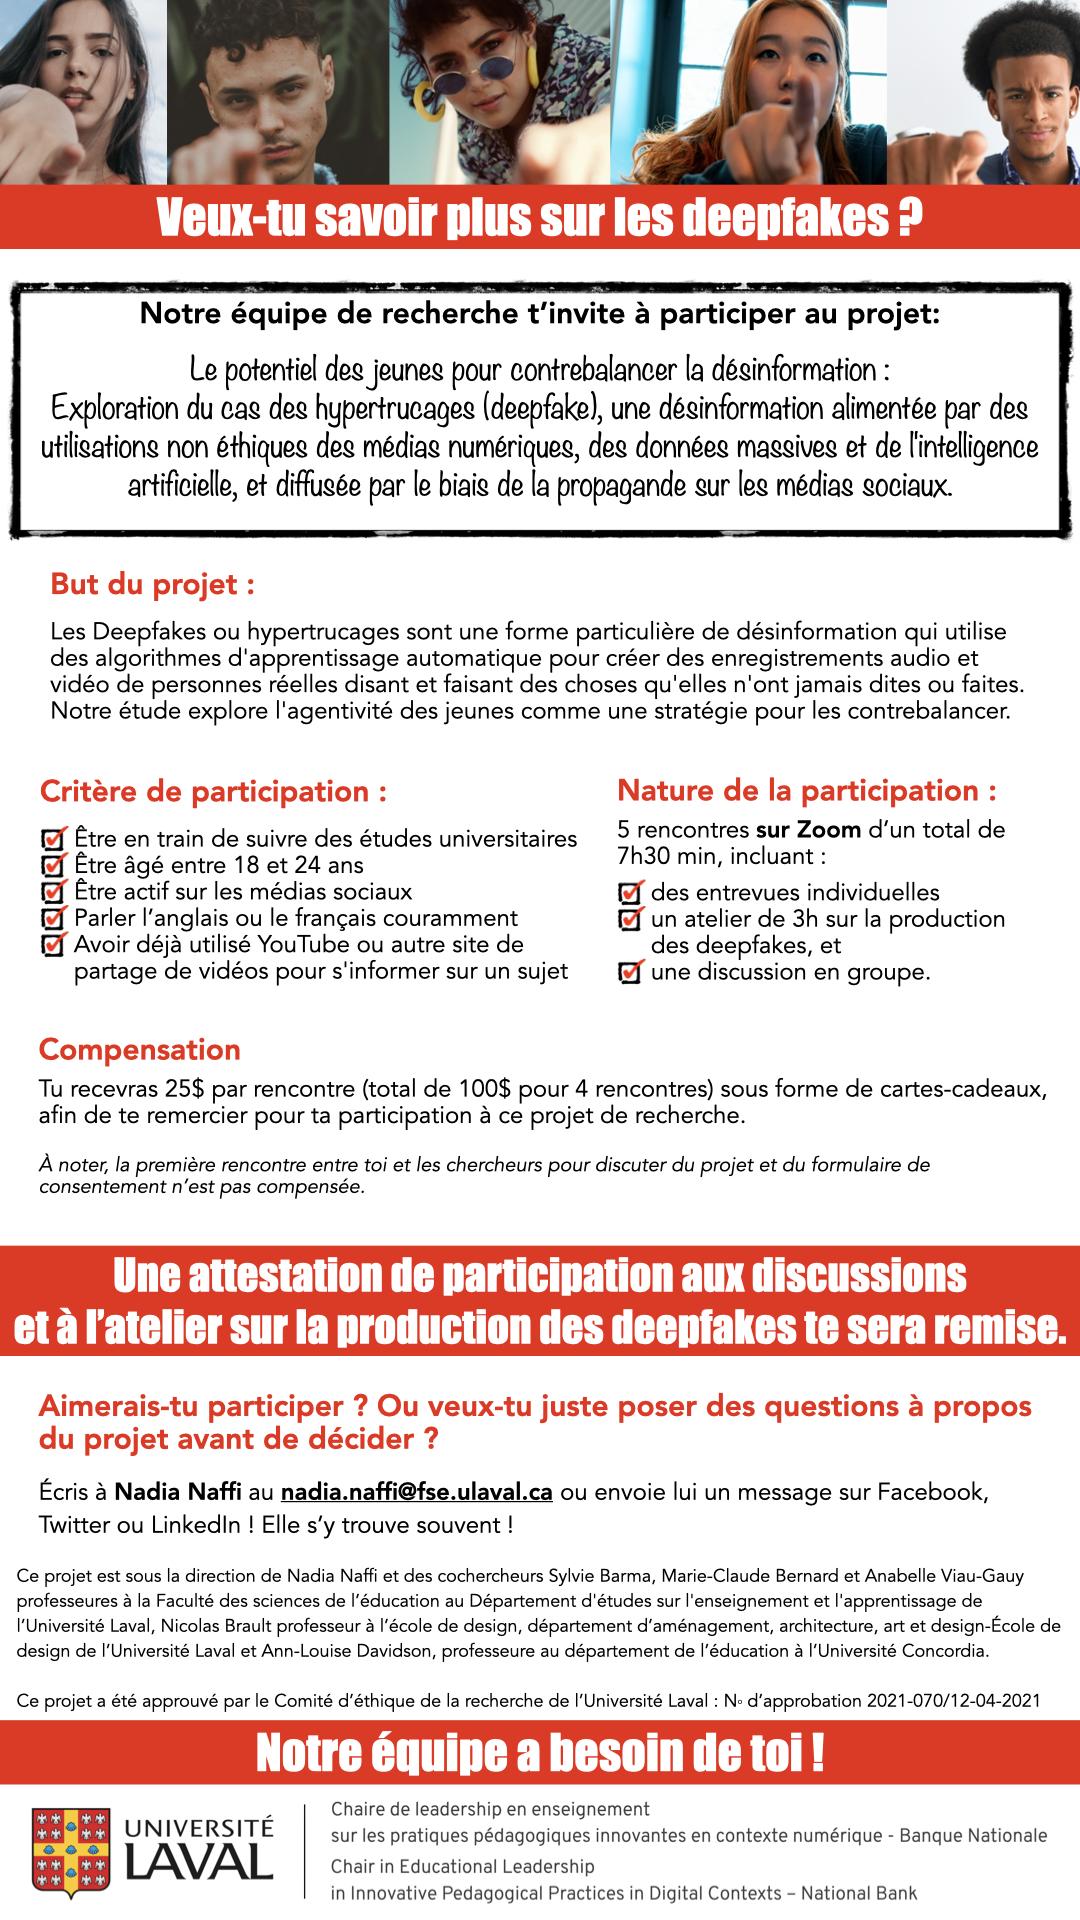 rencontre face à face - Traduction en anglais - exemples français | Reverso Context